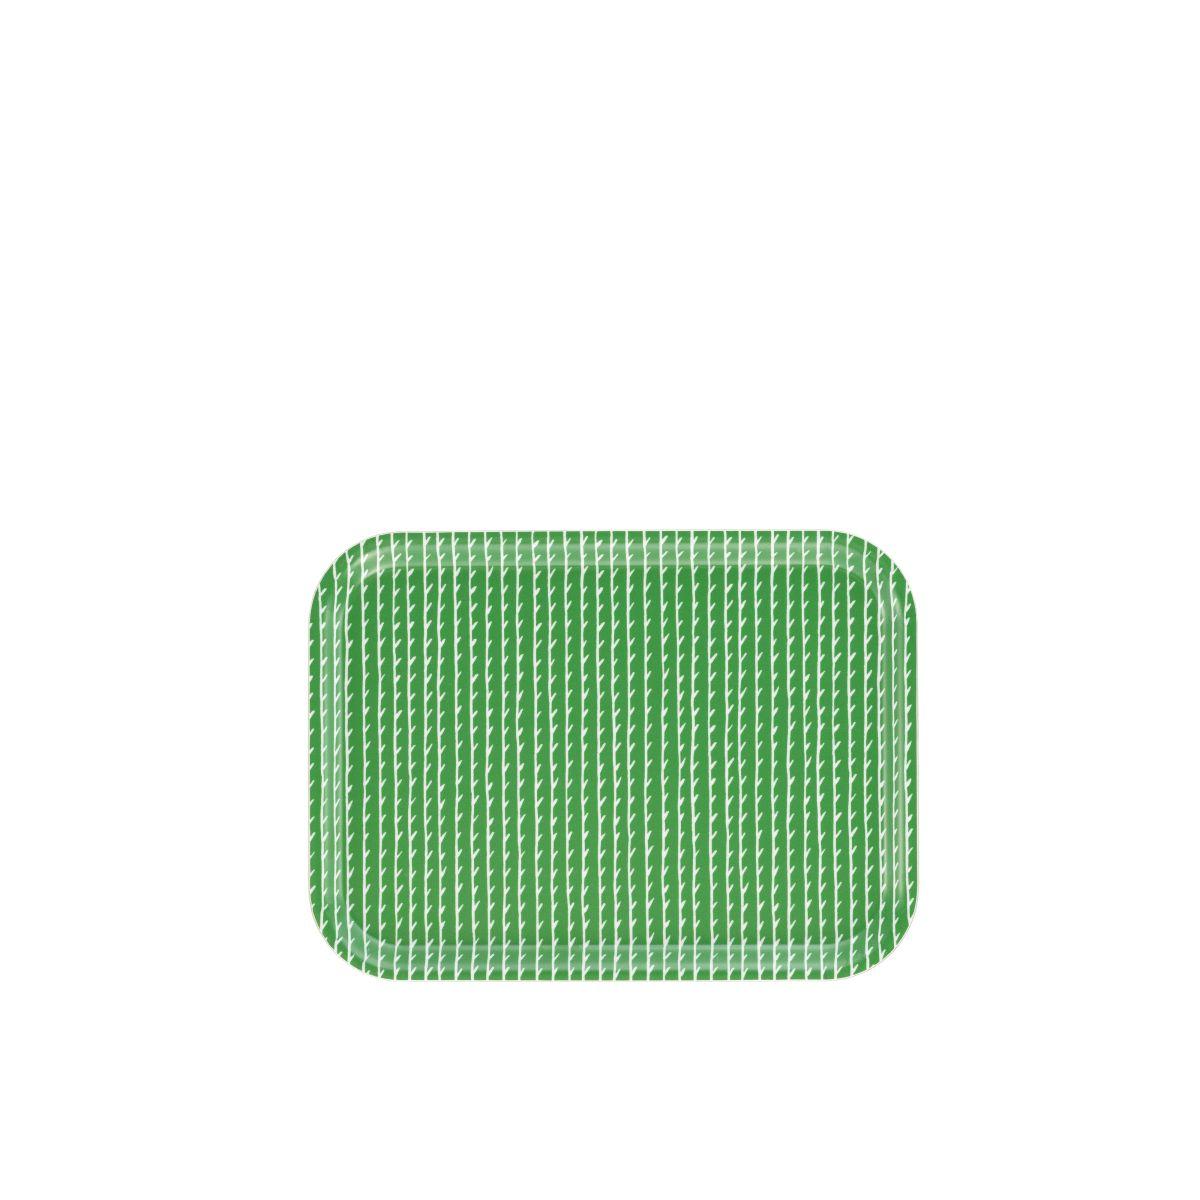 Rivi-Tray-Green-_-White-Small_F_Web-2411364